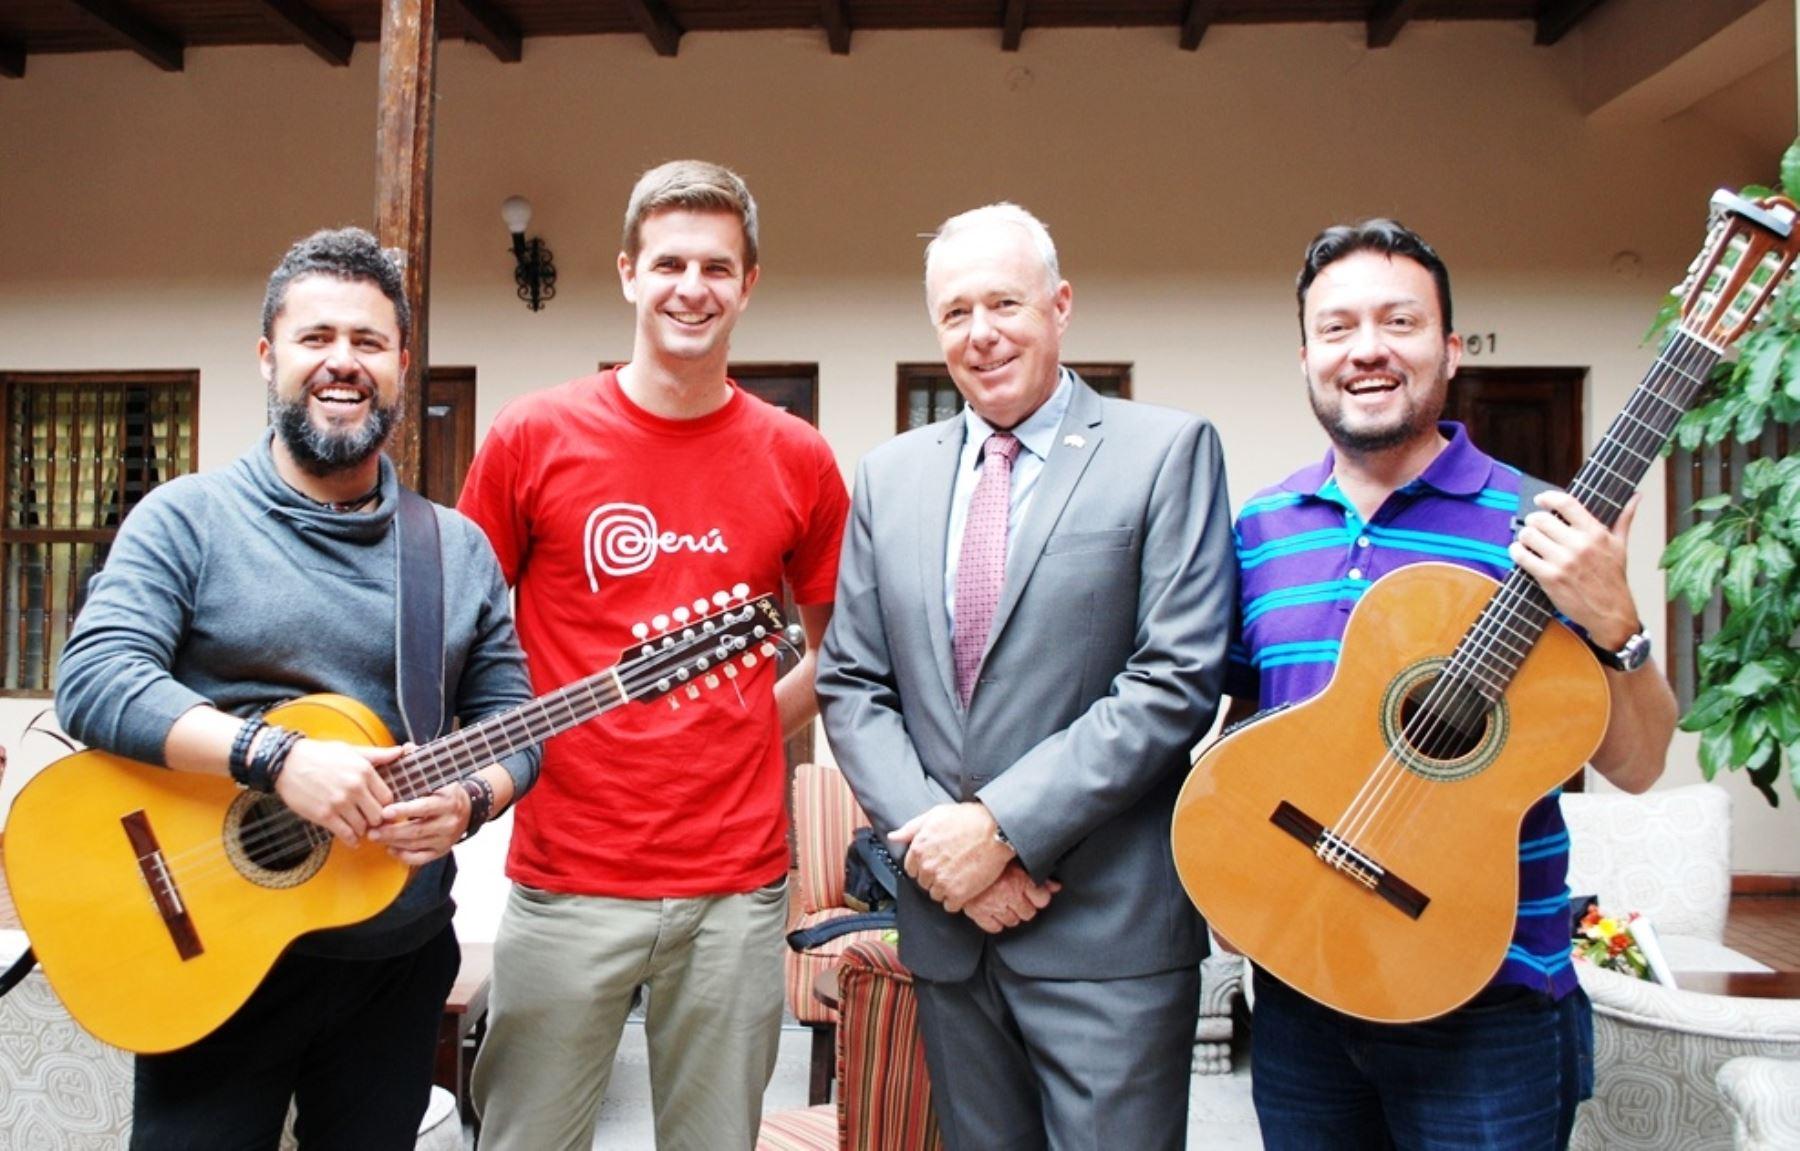 Embajador de Suiza en Perú promueve actividades culturales en Cajamarca. ANDINA/Eduard Lozano